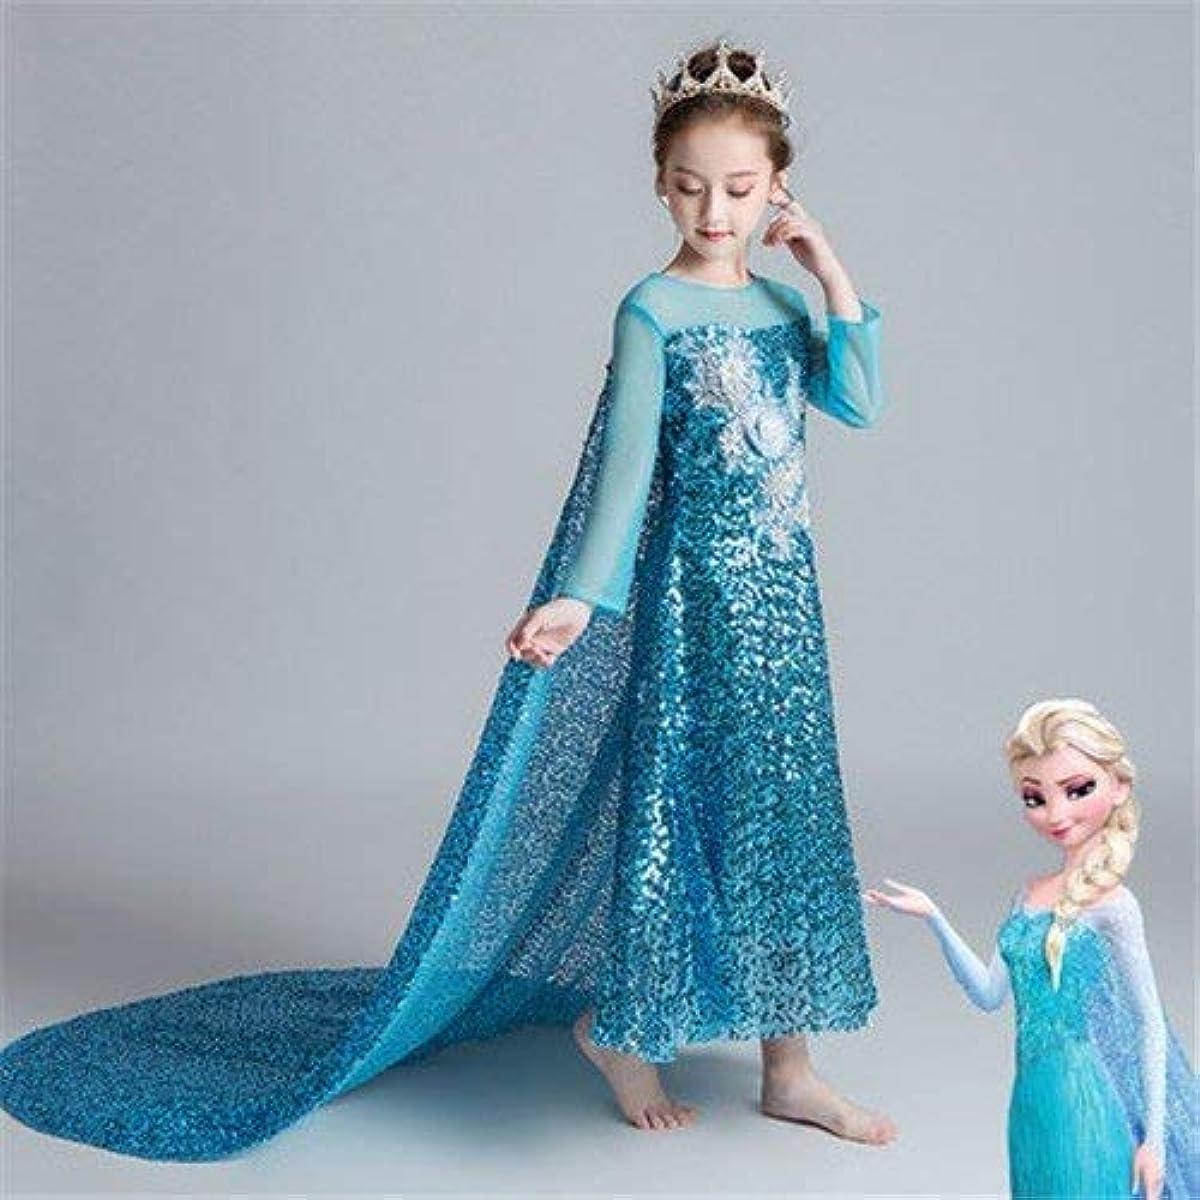 [해외] M-1091 디즈니 프린세스 키즈 엘사 원피스 변신(나리키리) 원피스 프린세스 드레스 아이 드레스 프린세스 키즈 드레스 소녀 (100)